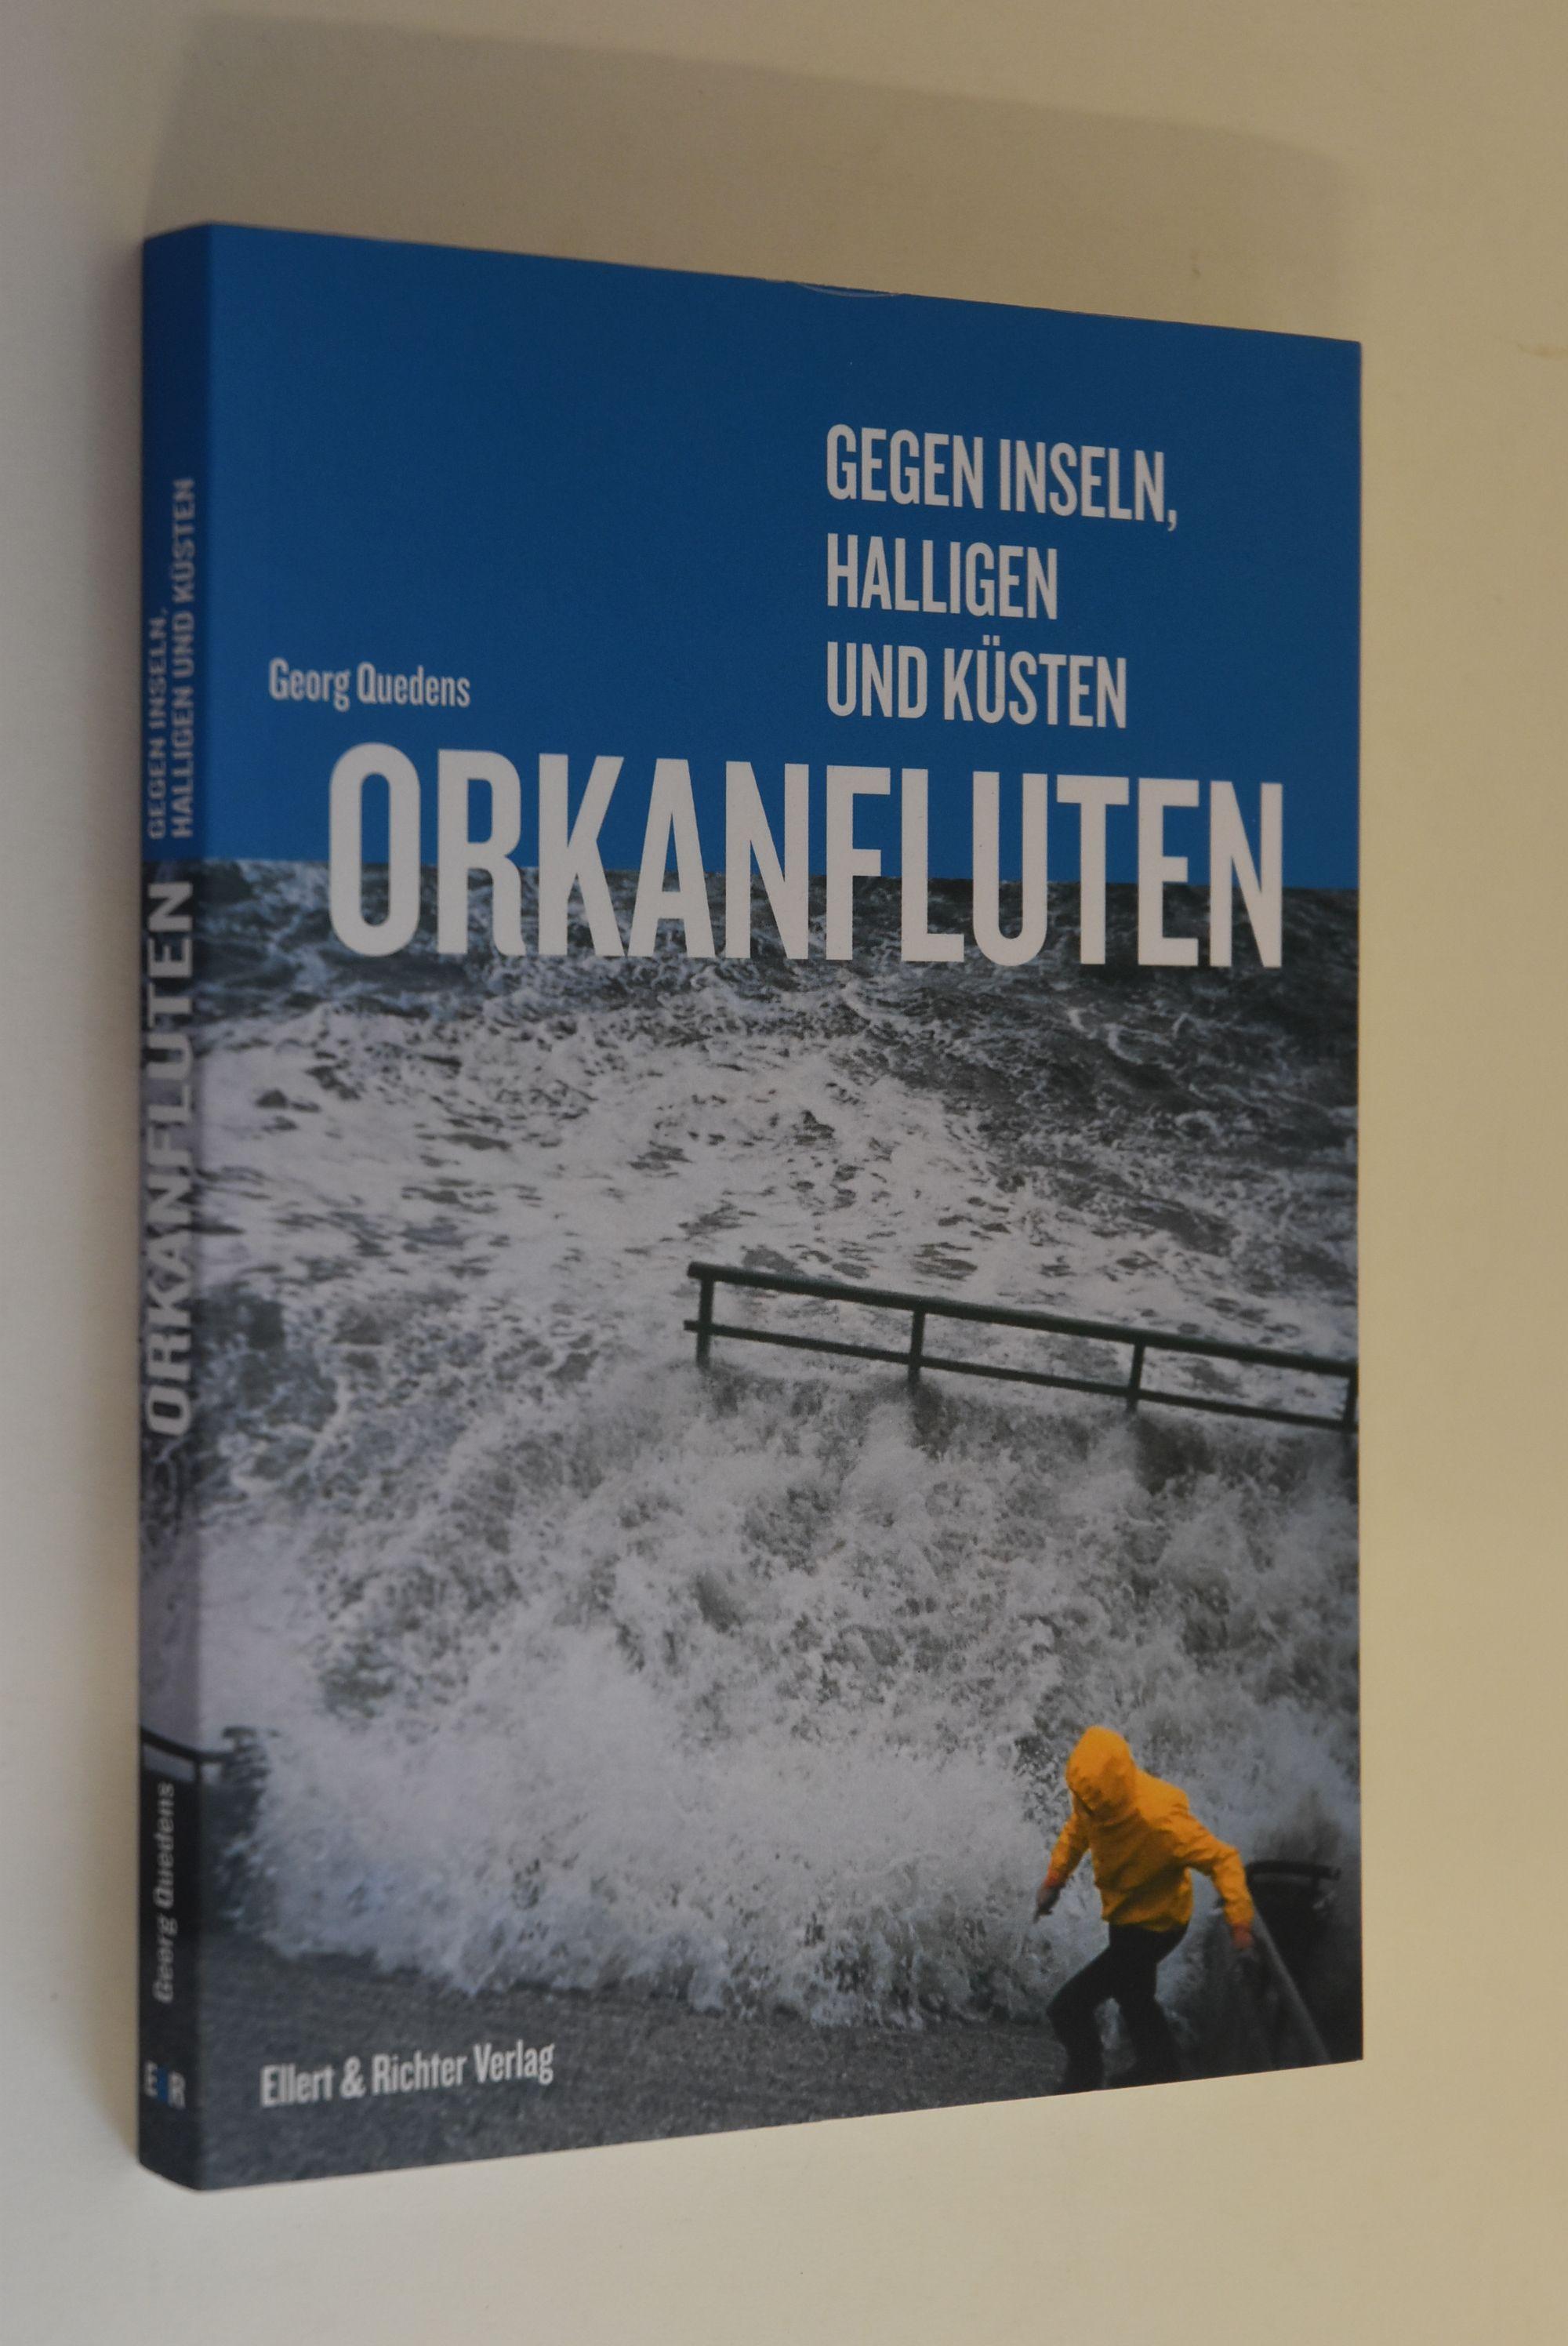 Orkanfluten : gegen Inseln, Halligen und Küsten. Georg Quedens - Quedens, Georg (Verfasser und Fotograf)